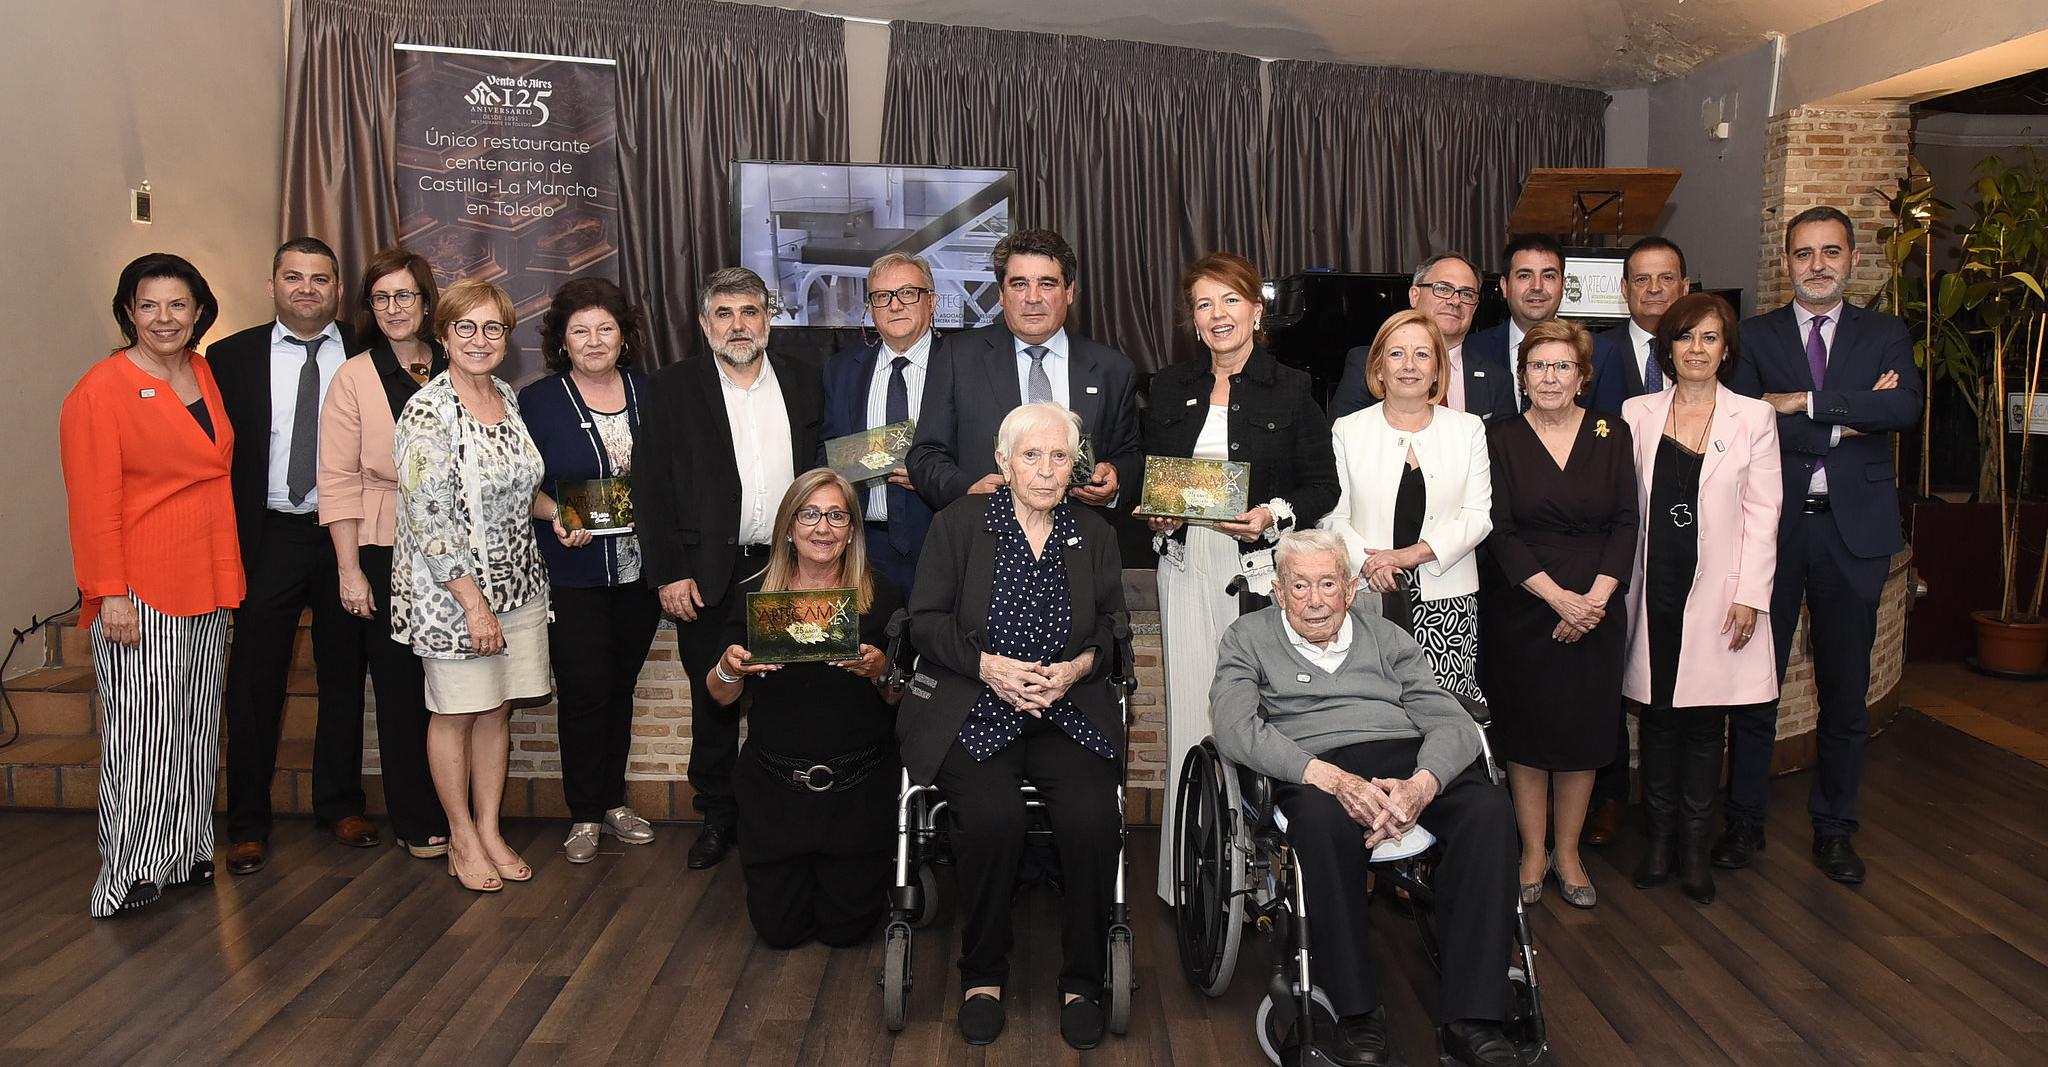 El Gobierno de Castilla-La Mancha felicita a ARTECAM en su XXV Aniversario